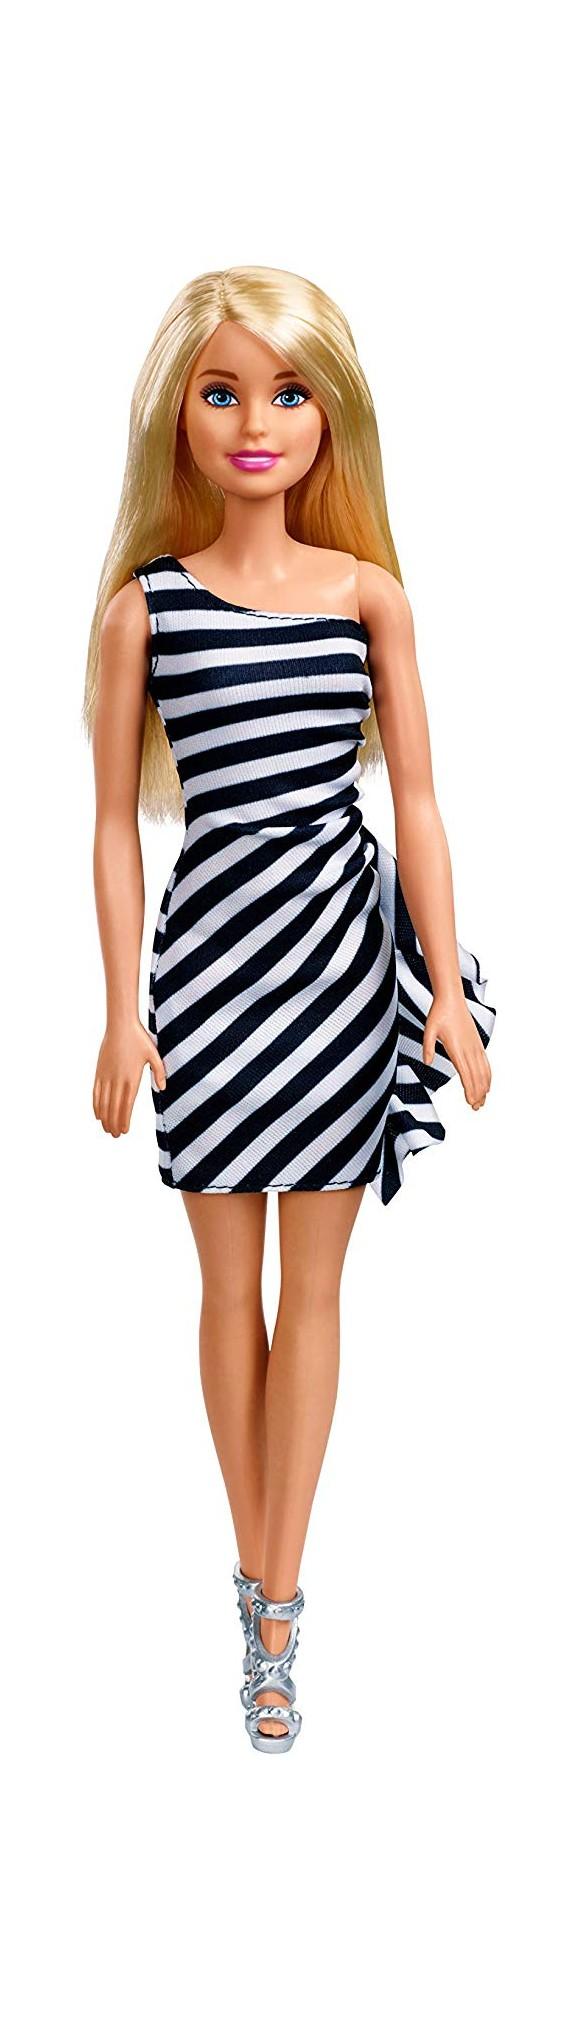 Barbie - Wearing Stripes - Hvid/Sort (FXL68)